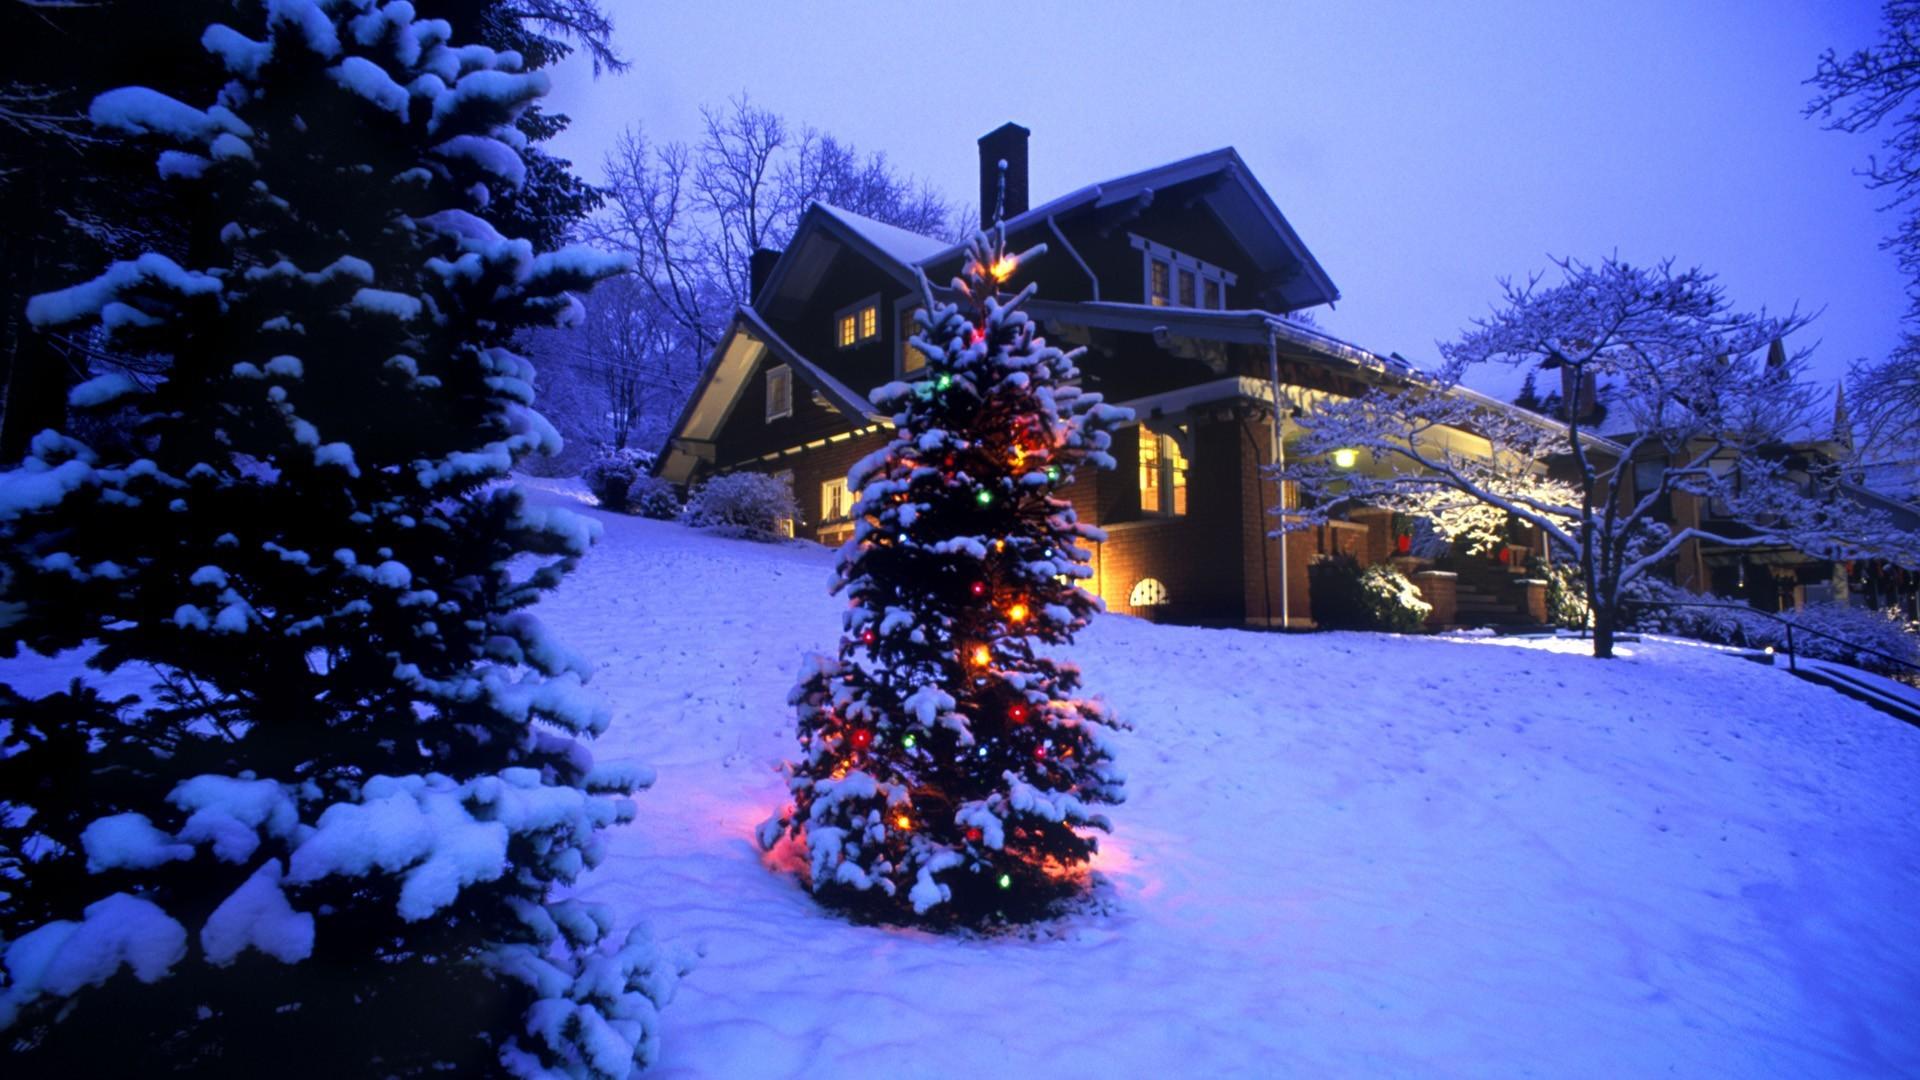 Christmas Snow Scene Wallpaper ·①